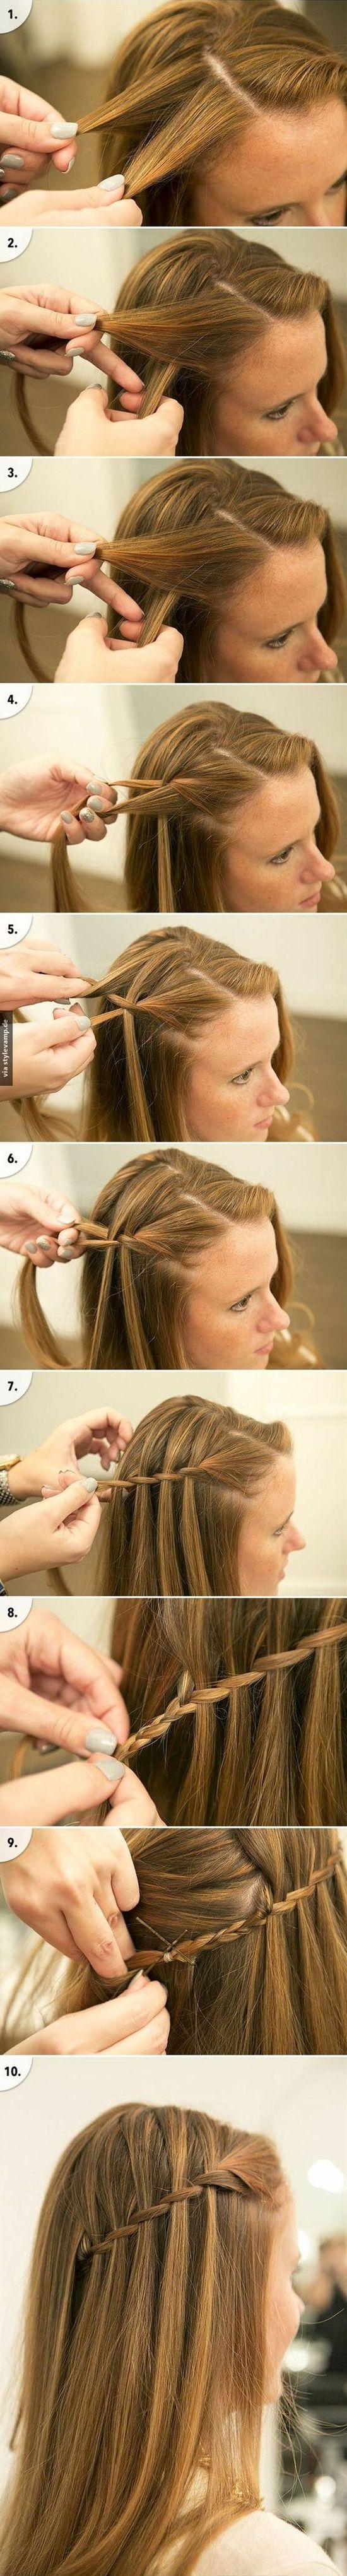 15 Ways To Make Braids Interesting Again | Postris